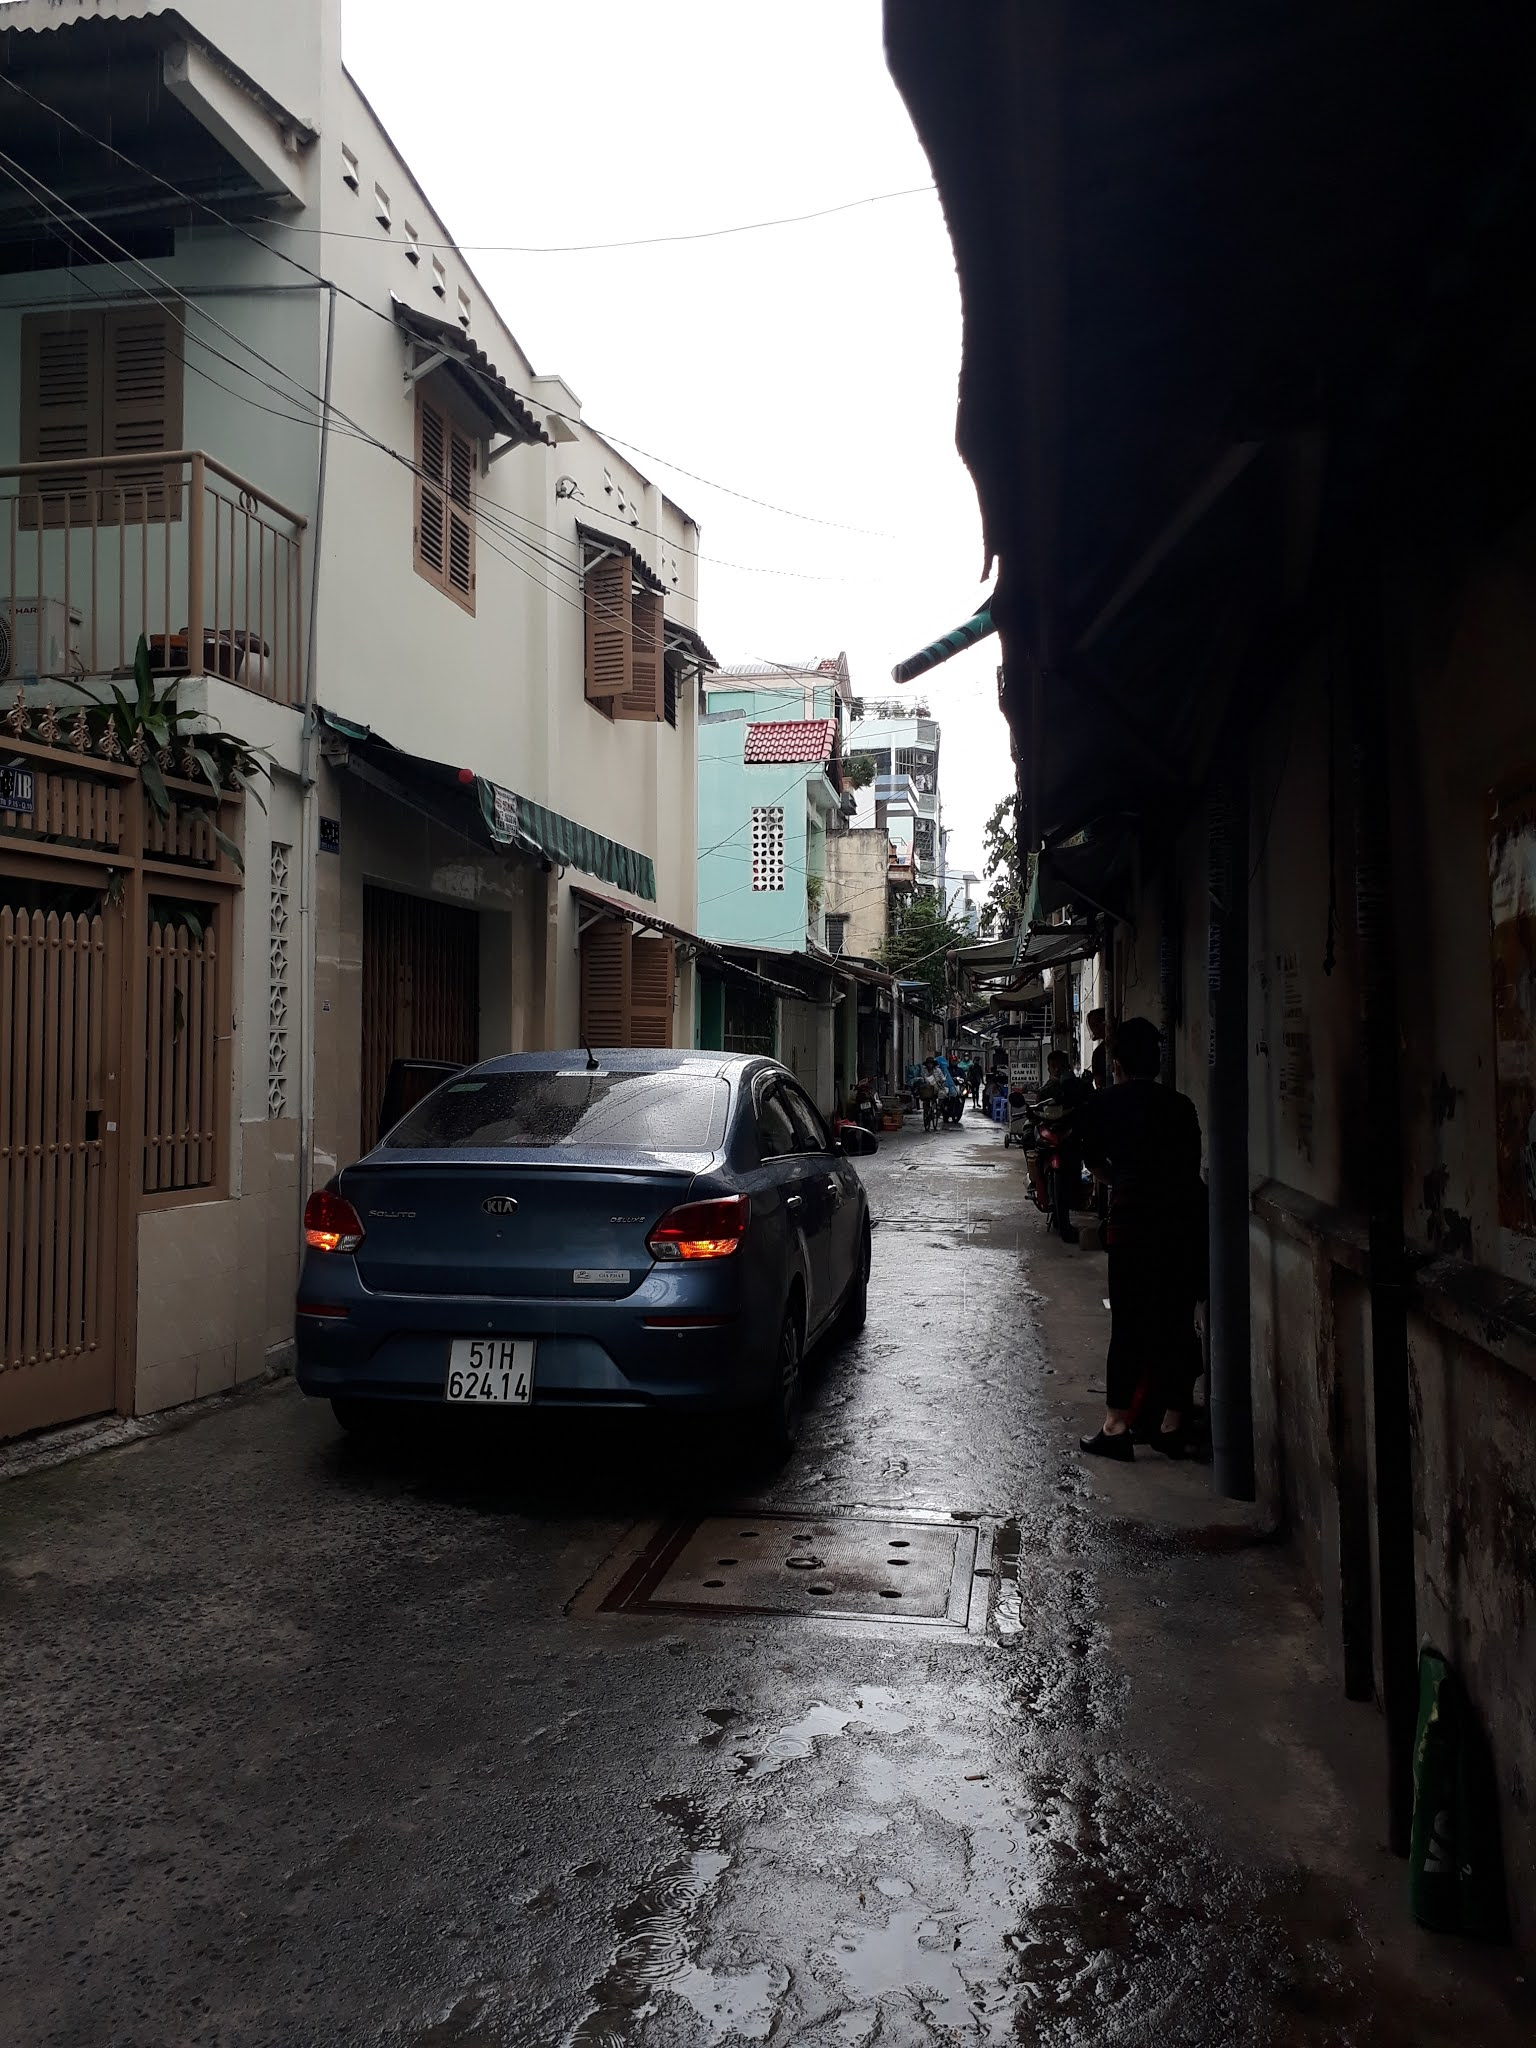 Bán 2 lô đất Quận 10, đường Cách Mạng Tháng 8, gần Công viên Lê Thị Riêng